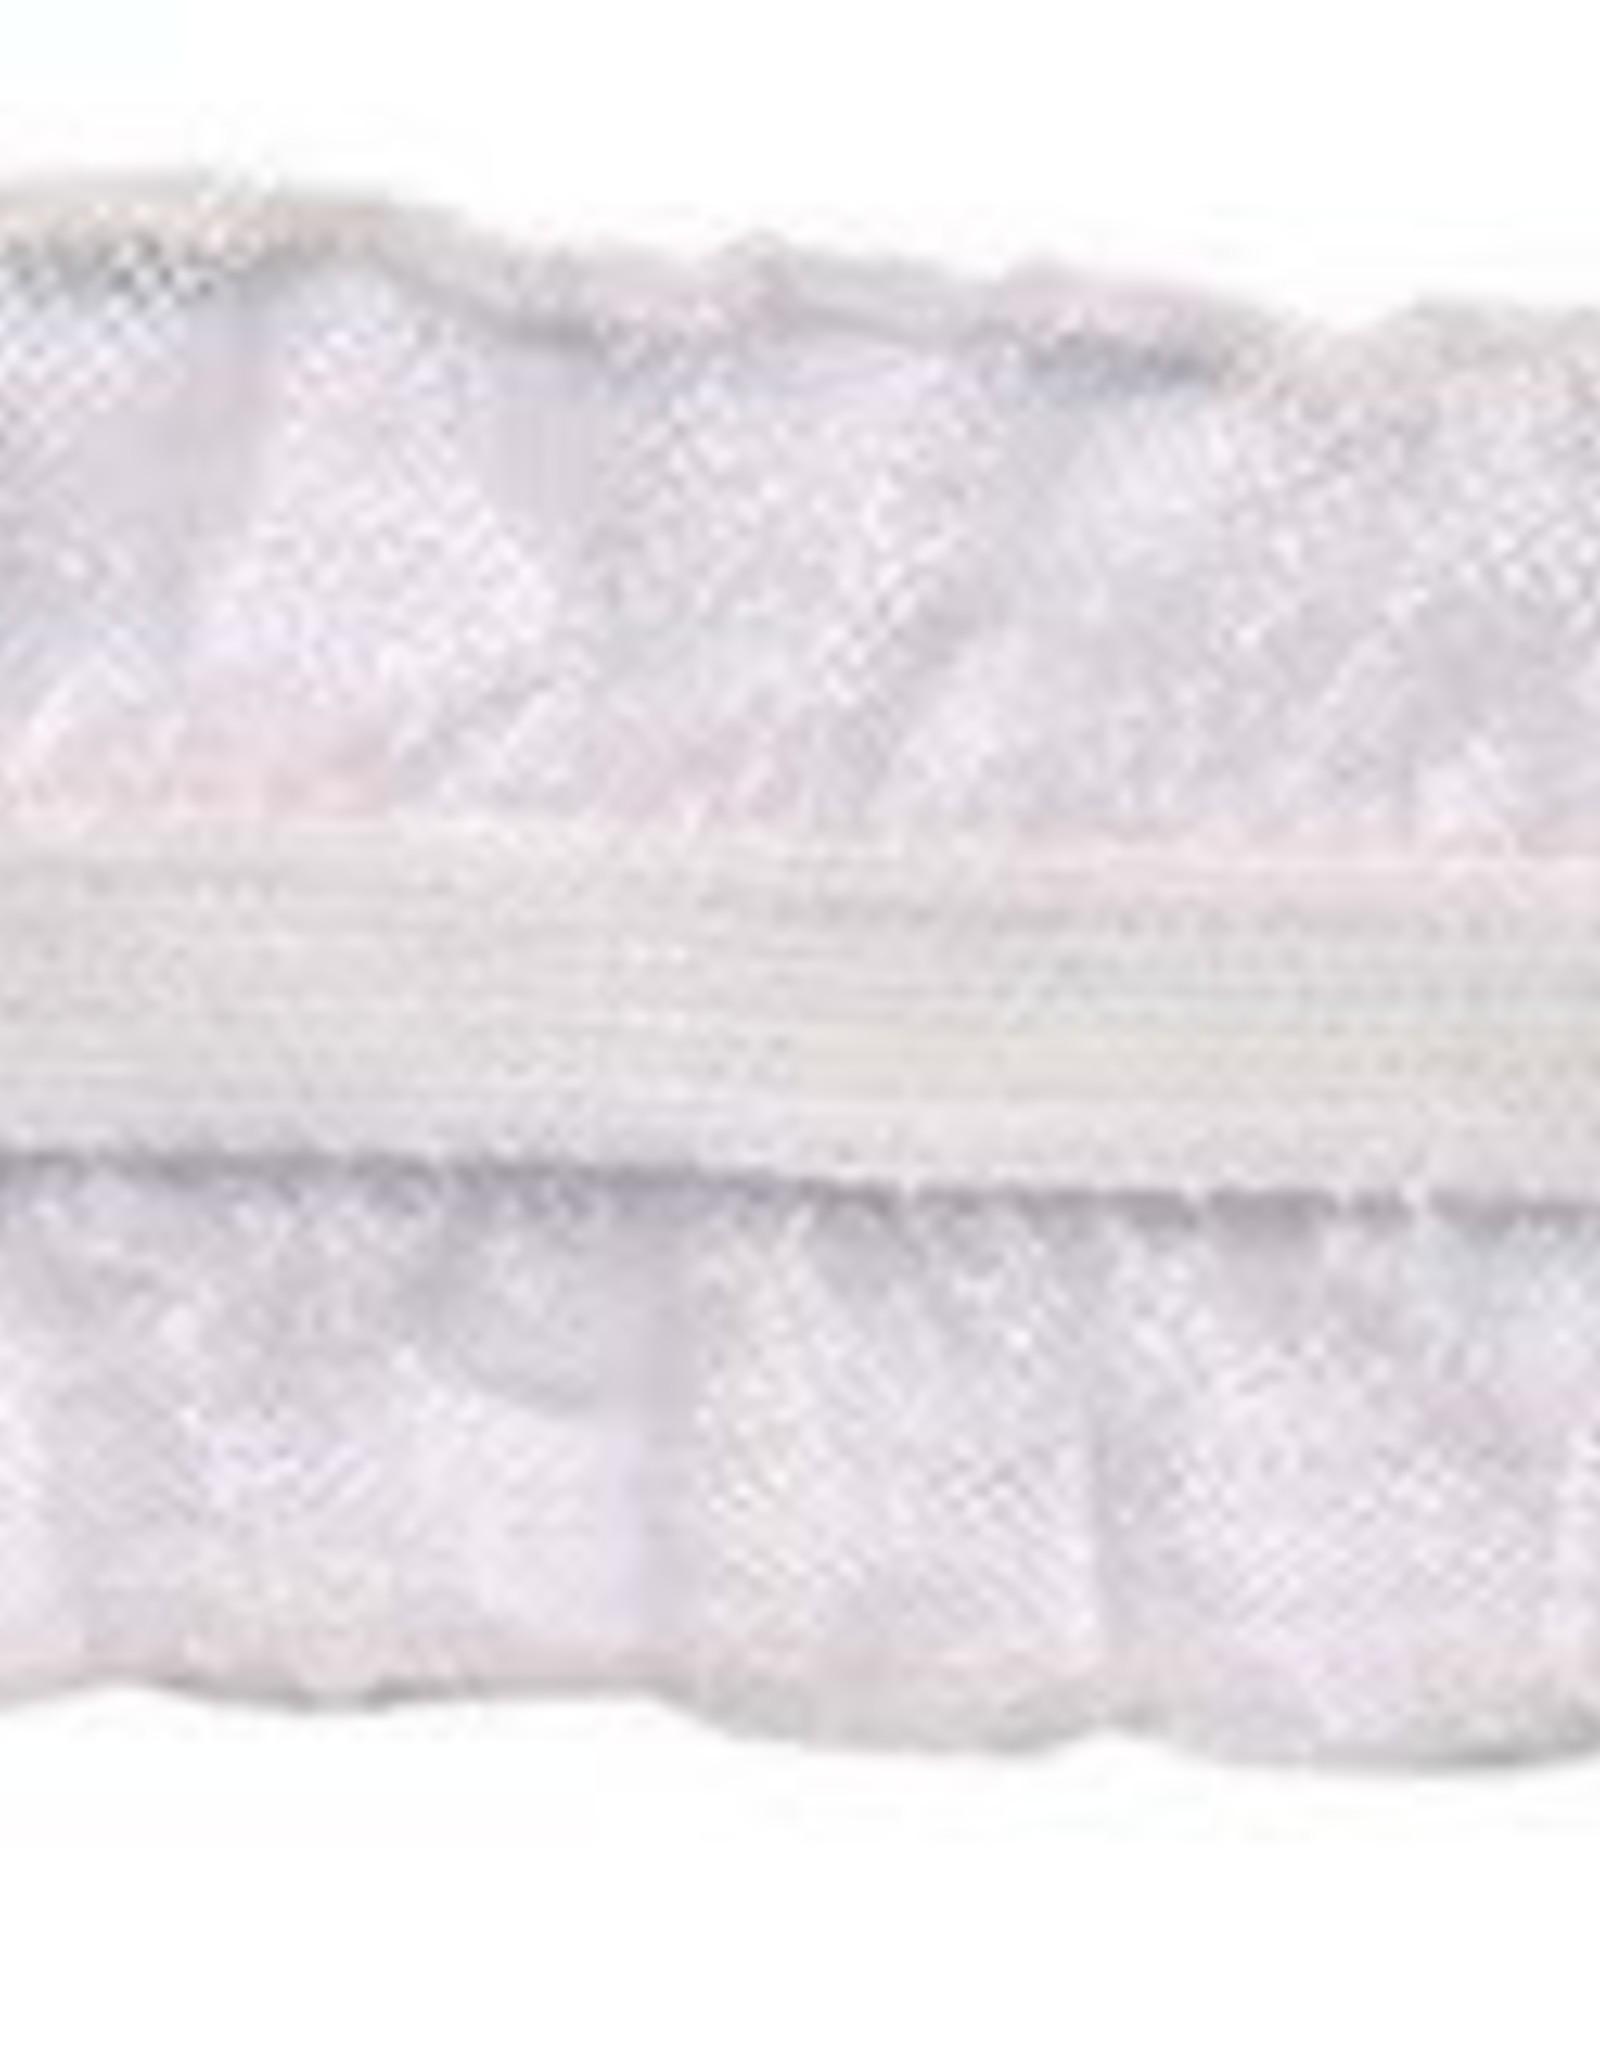 Roezel elastiek 2-zijdig wit 25 mm